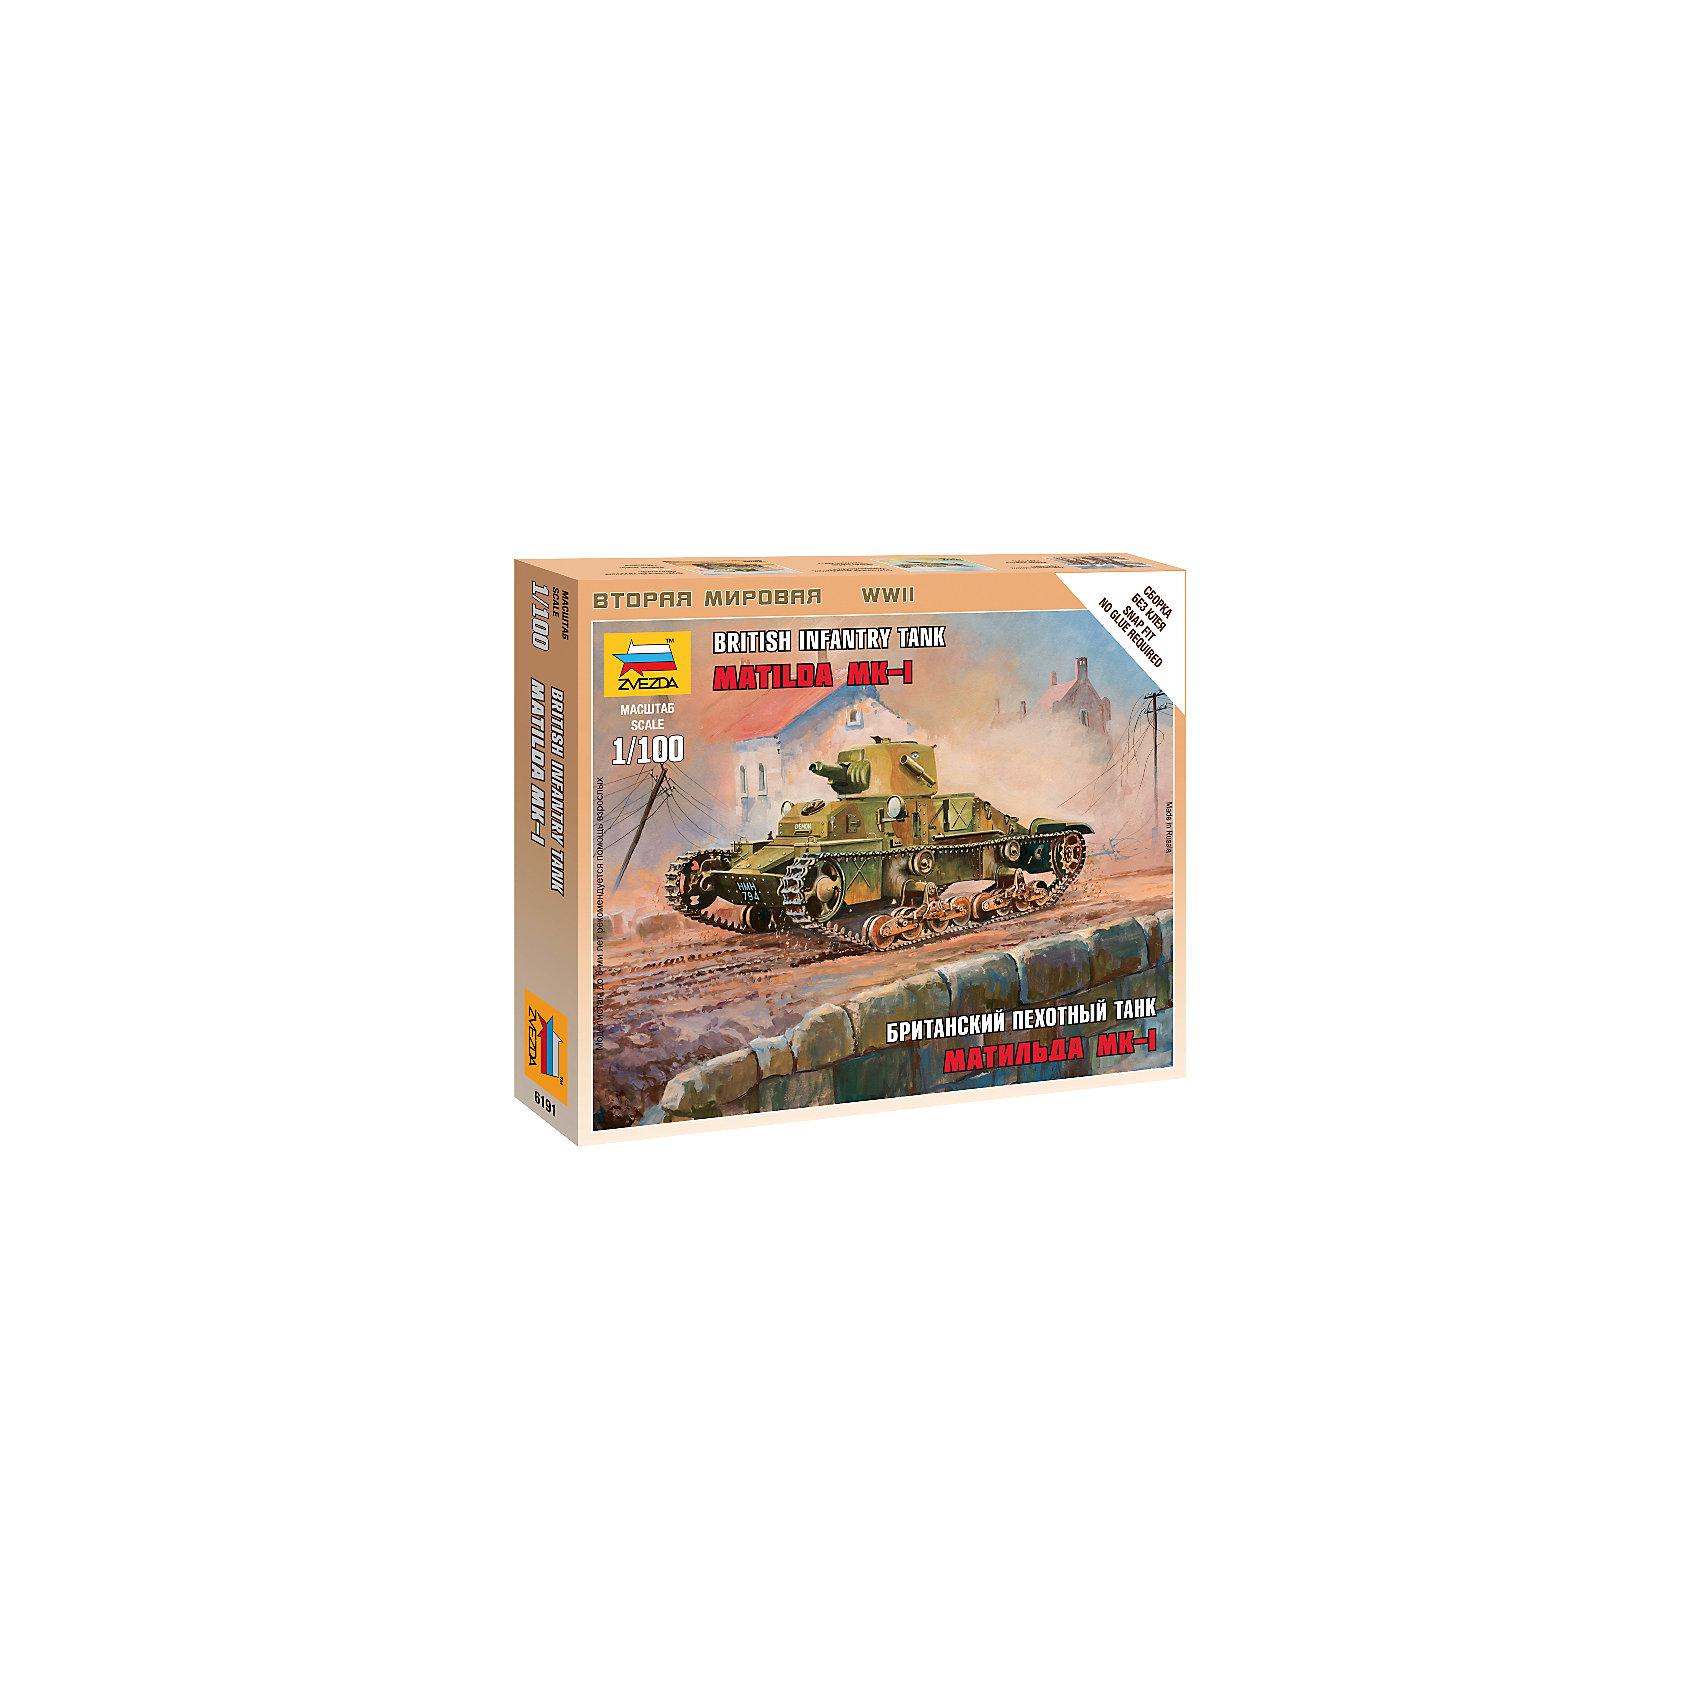 Сборная модель Звезда Британский танк Матильда Mk-1, 1:100 (сборка без клея)Модели для склеивания<br>Модель сборная Британский танк Матильда Mk-1<br><br>Ширина мм: 120<br>Глубина мм: 145<br>Высота мм: 20<br>Вес г: 450<br>Возраст от месяцев: 36<br>Возраст до месяцев: 180<br>Пол: Мужской<br>Возраст: Детский<br>SKU: 7086481